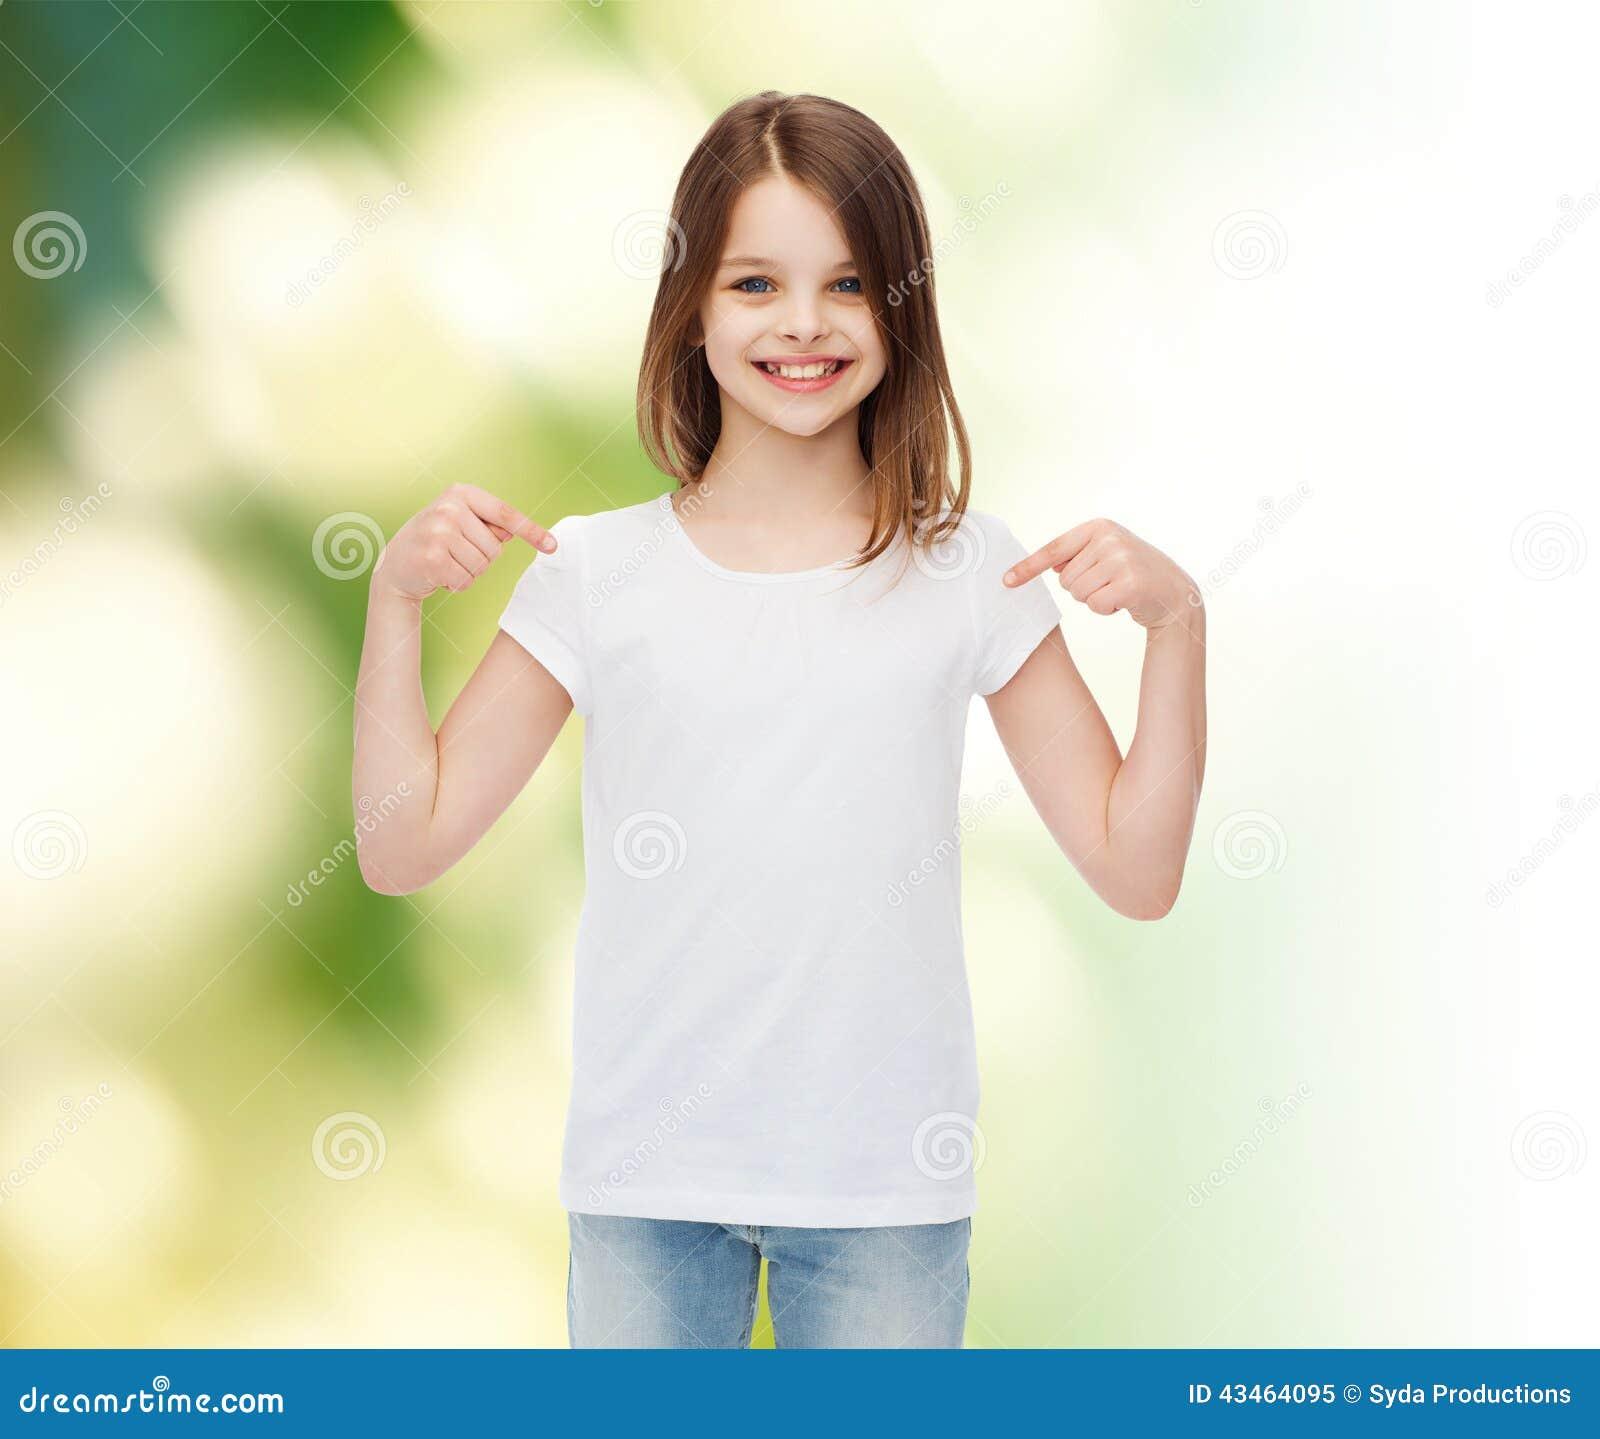 little girls fingering themselves